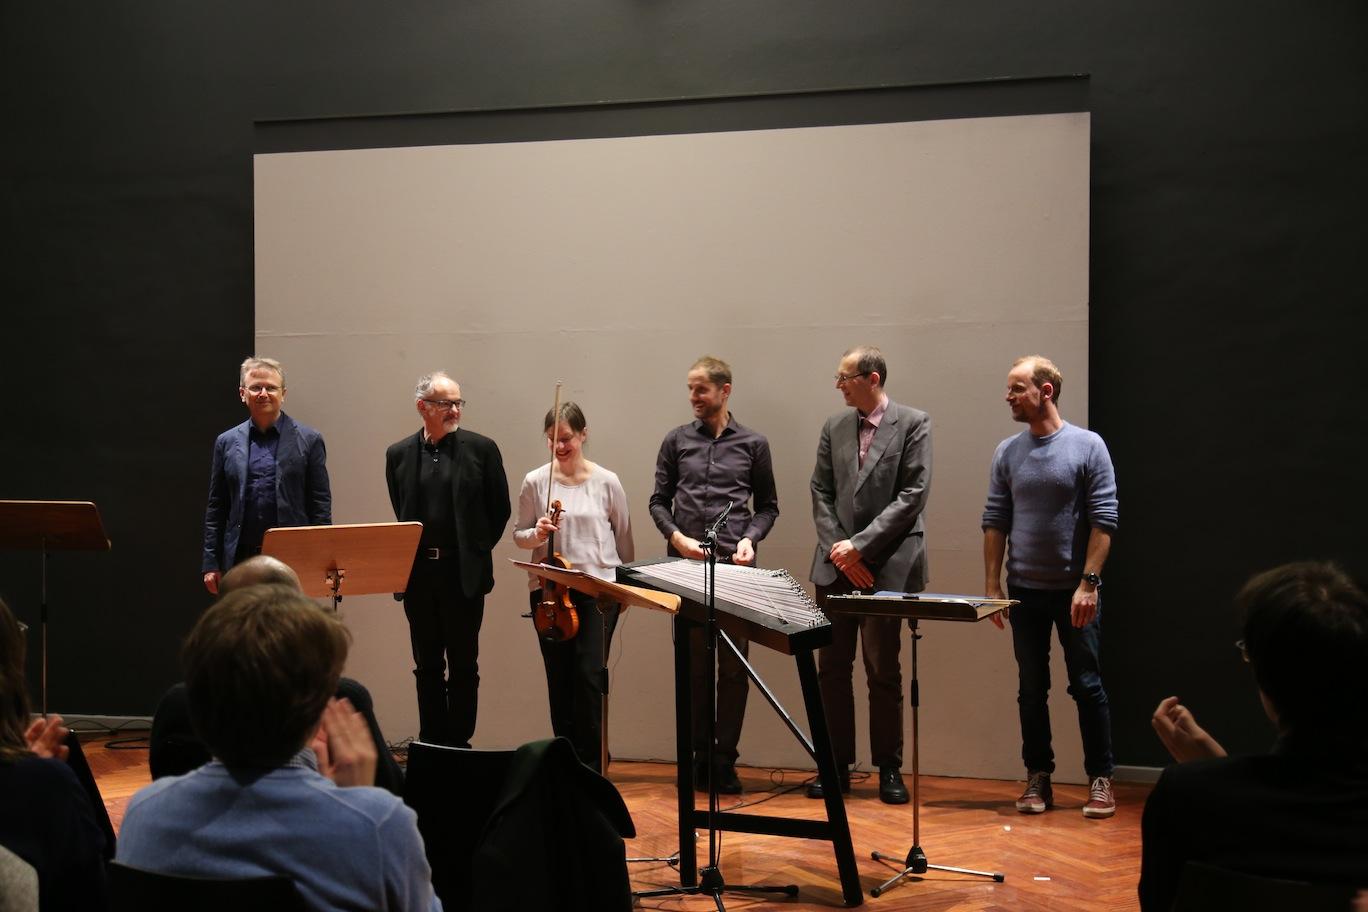 Anselm Schaufler, Karlheinz Essl, Barbara Lüneburg, Martin Mallaun, Daniel Mayer, Peter Jakober